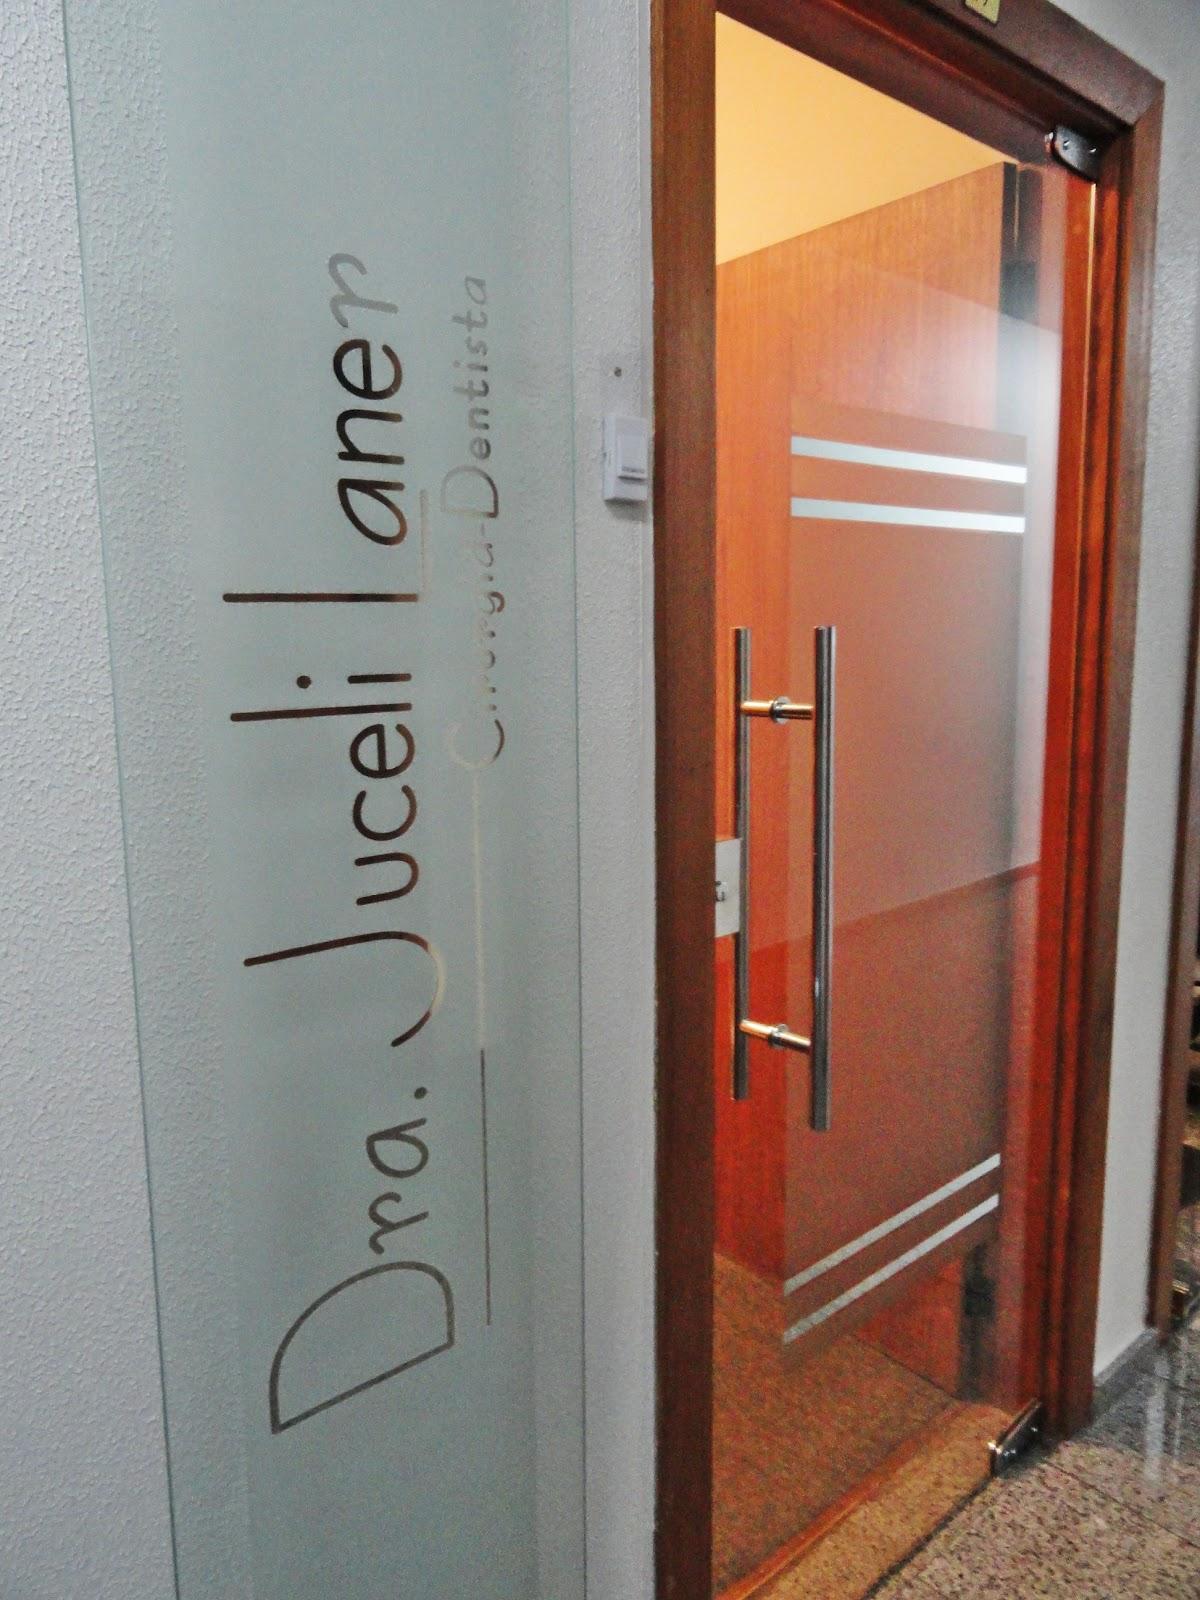 #B37518 Decora Artes e Criações em Vidros: Placa com Letreiro Espelhado em  3312 Janelas De Pvc Caxias Do Sul Rs